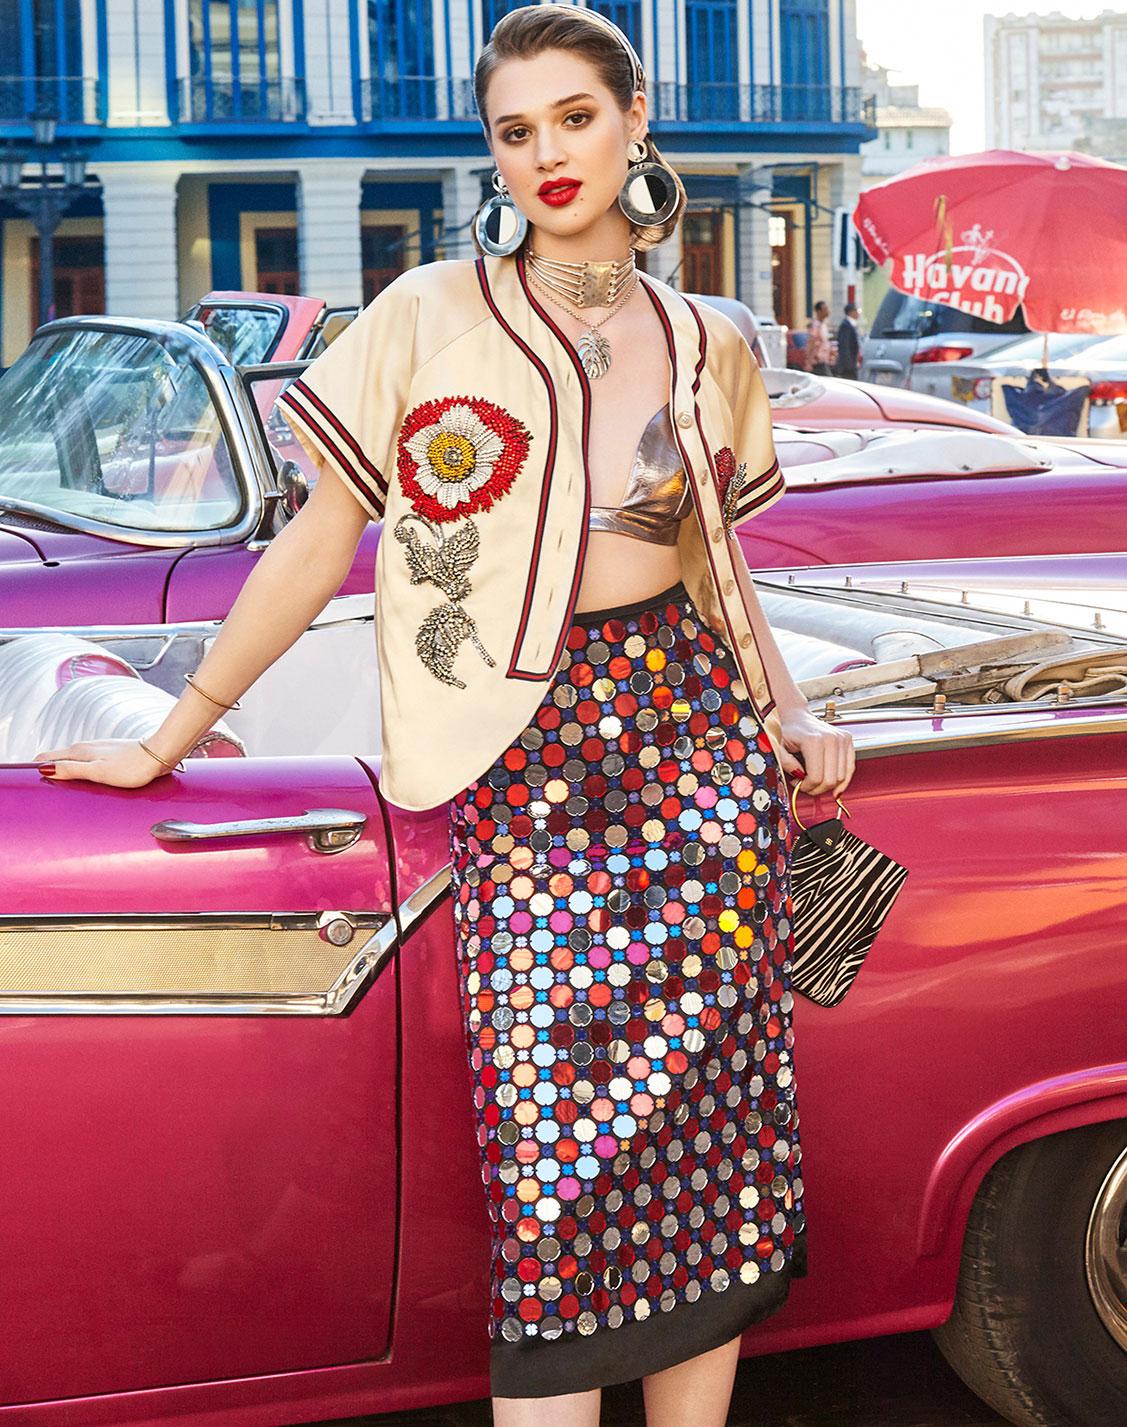 Cuban Carnival / Anais Pouliot by Enrique Vega / Vogue Taiwan june 2017